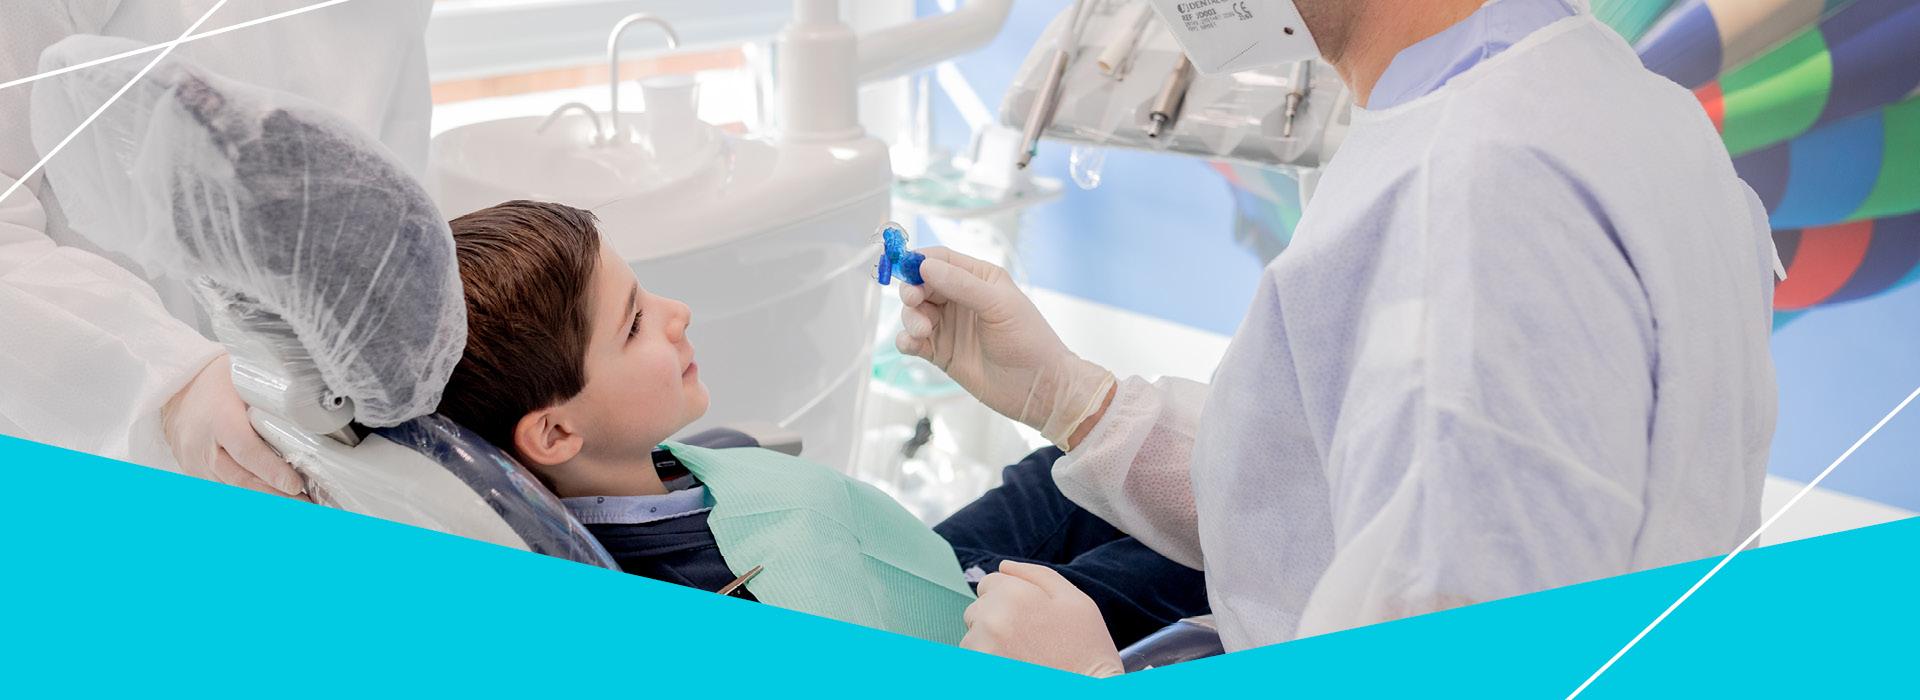 garda-odontoiatria-percorso-bambini-garda-kids